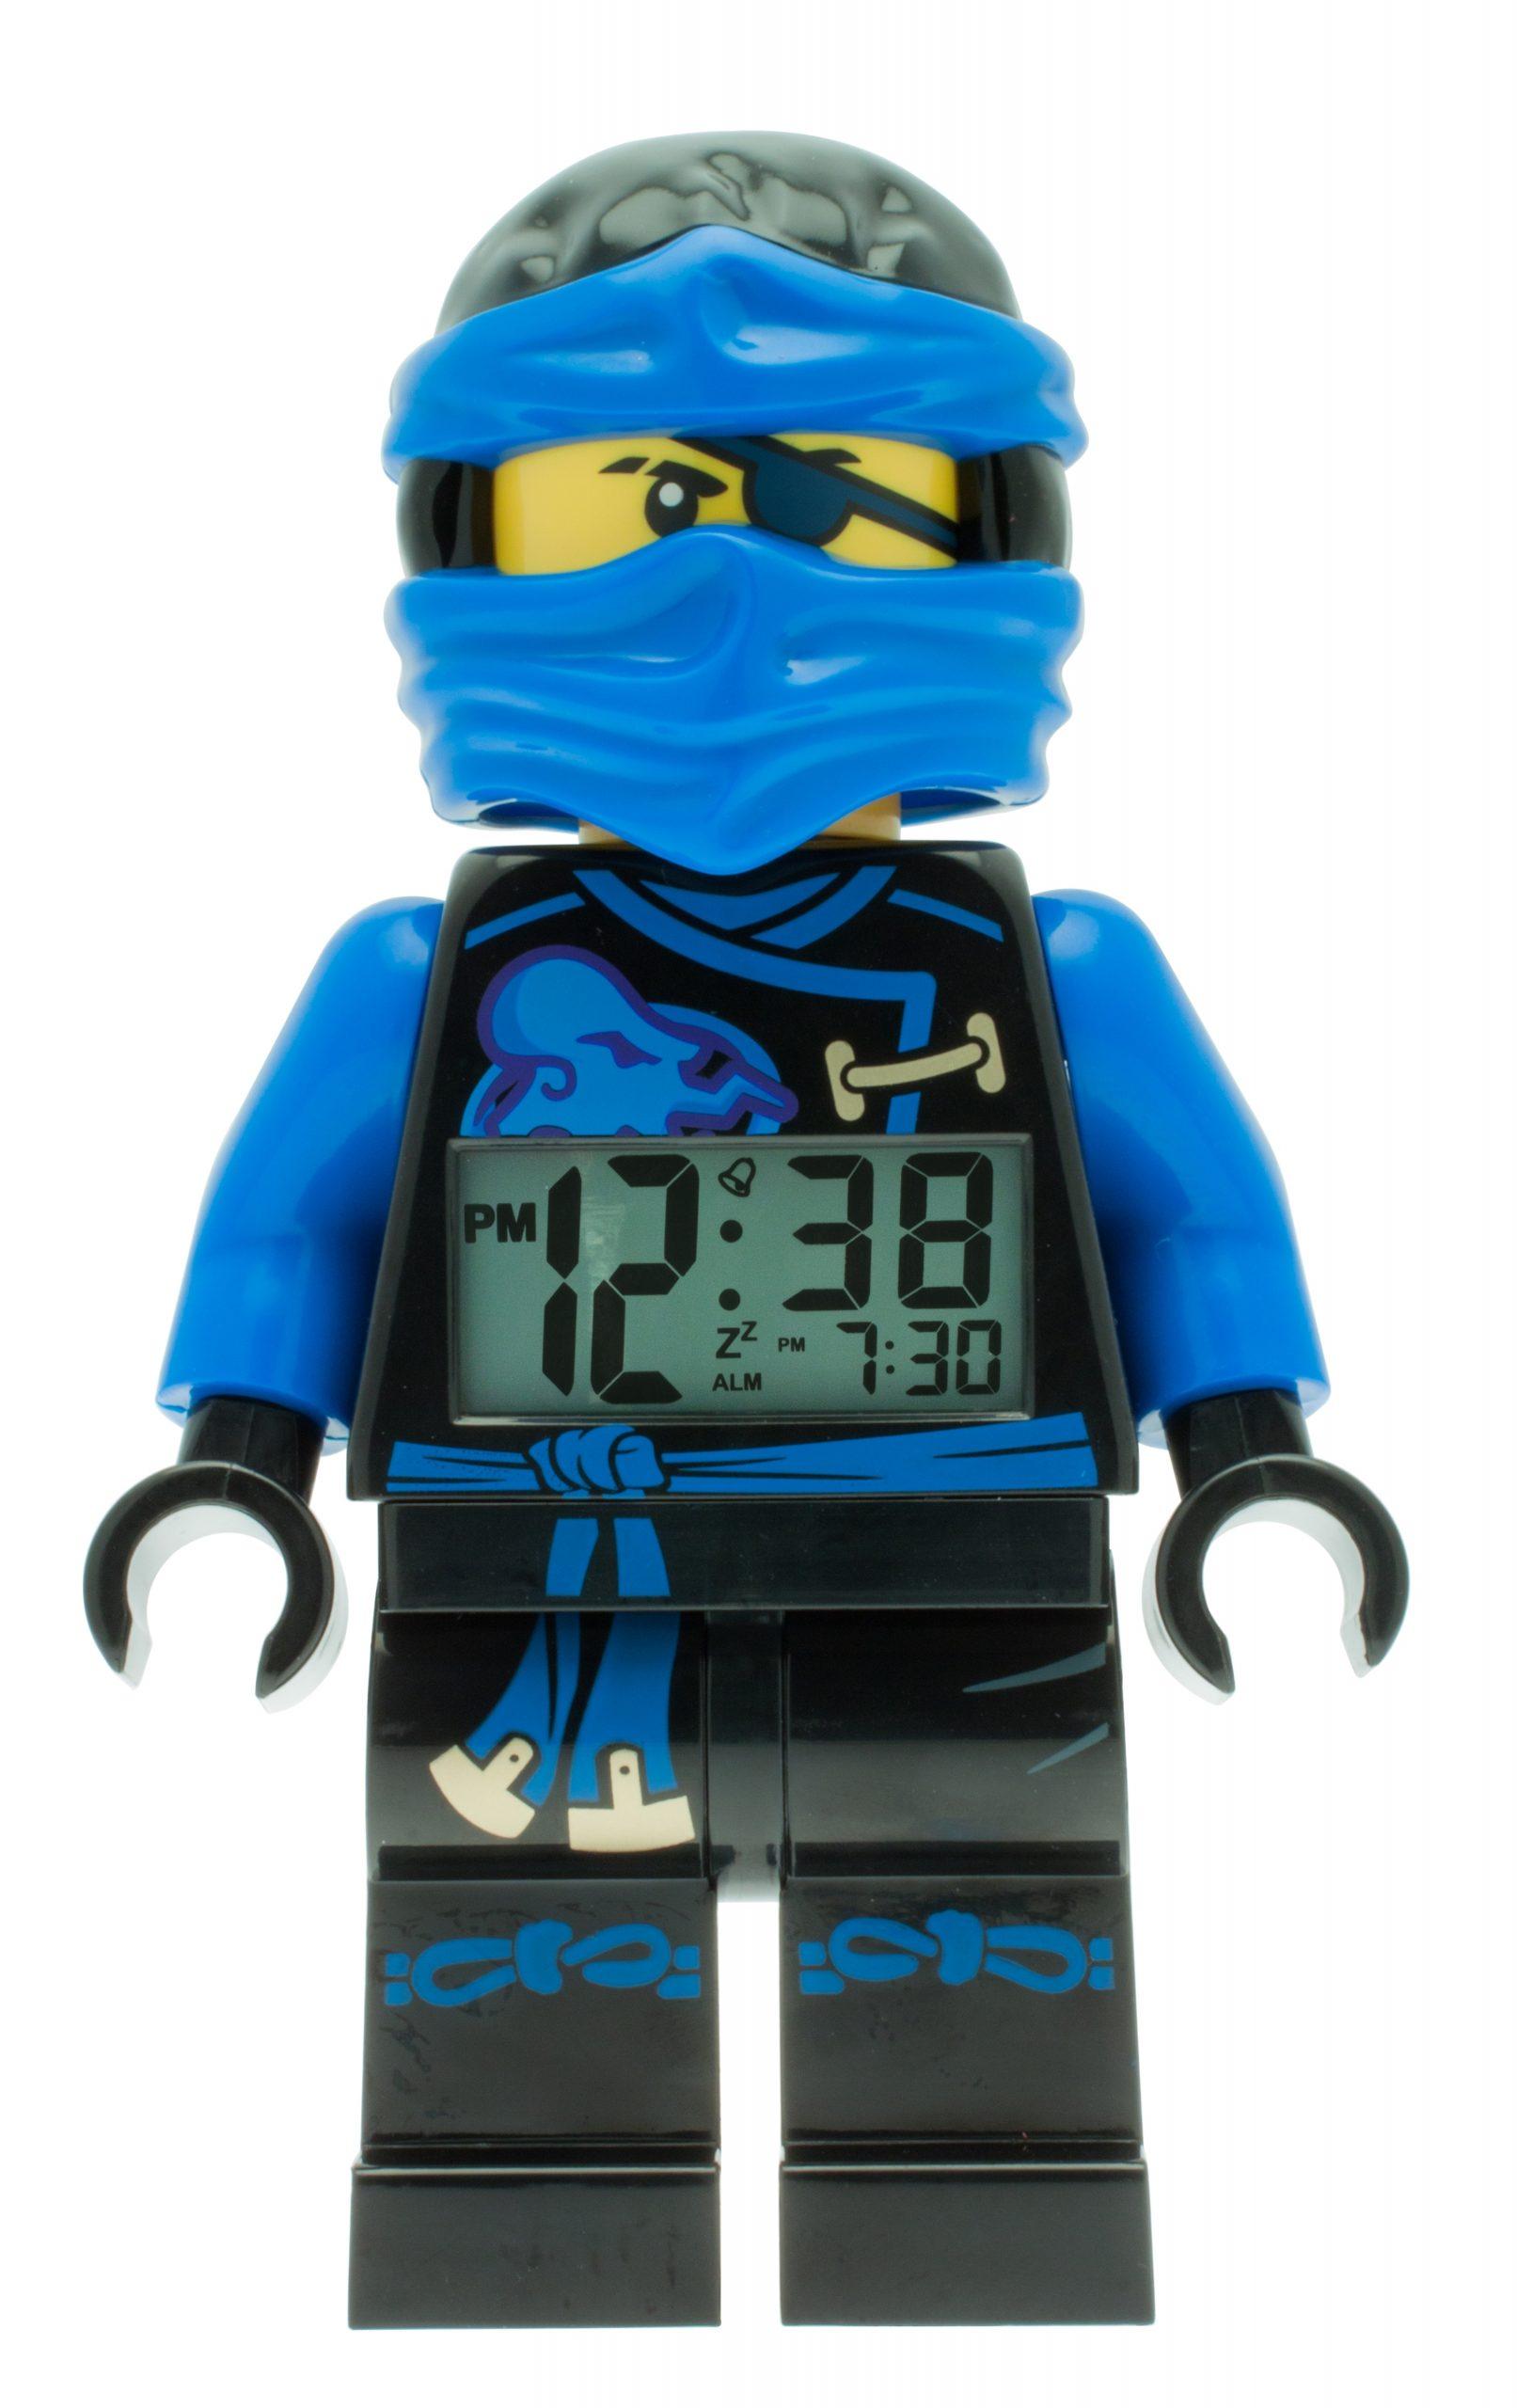 lego 5005117 ninjago sky pirates jay minifigure alarm clock scaled